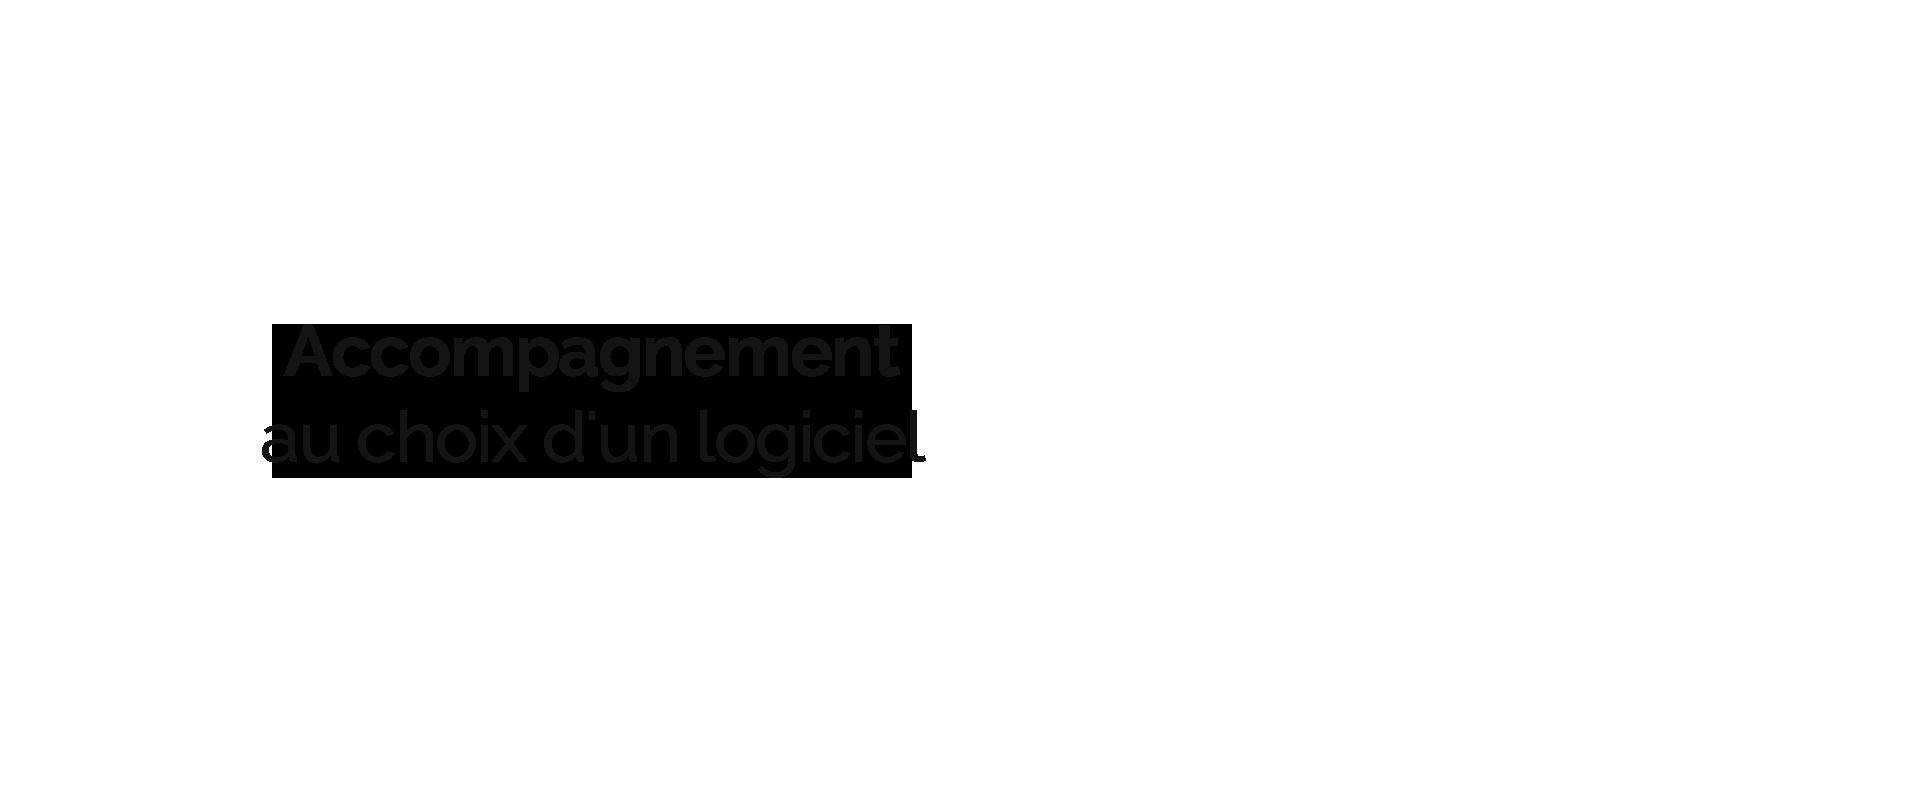 Progys - Accompagnement au choix d'un logiciel